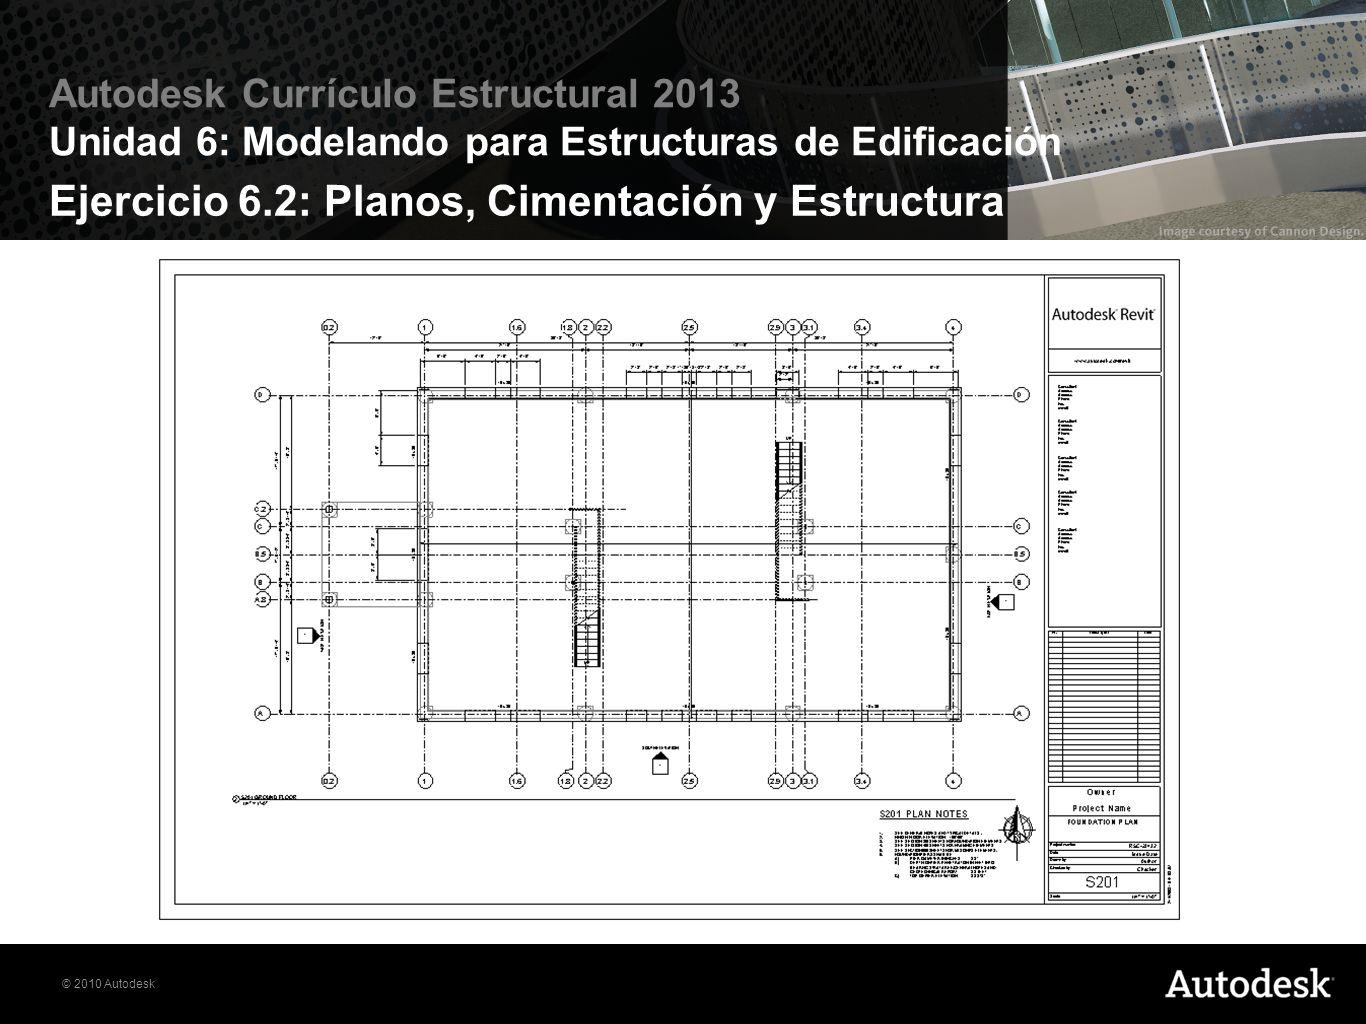 © 2010 Autodesk Autodesk Currículo Estructural 2013 Unidad 6: Modelando para Estructuras de Edificación Ejercicio 6.2: Planos, Cimentación y Estructur